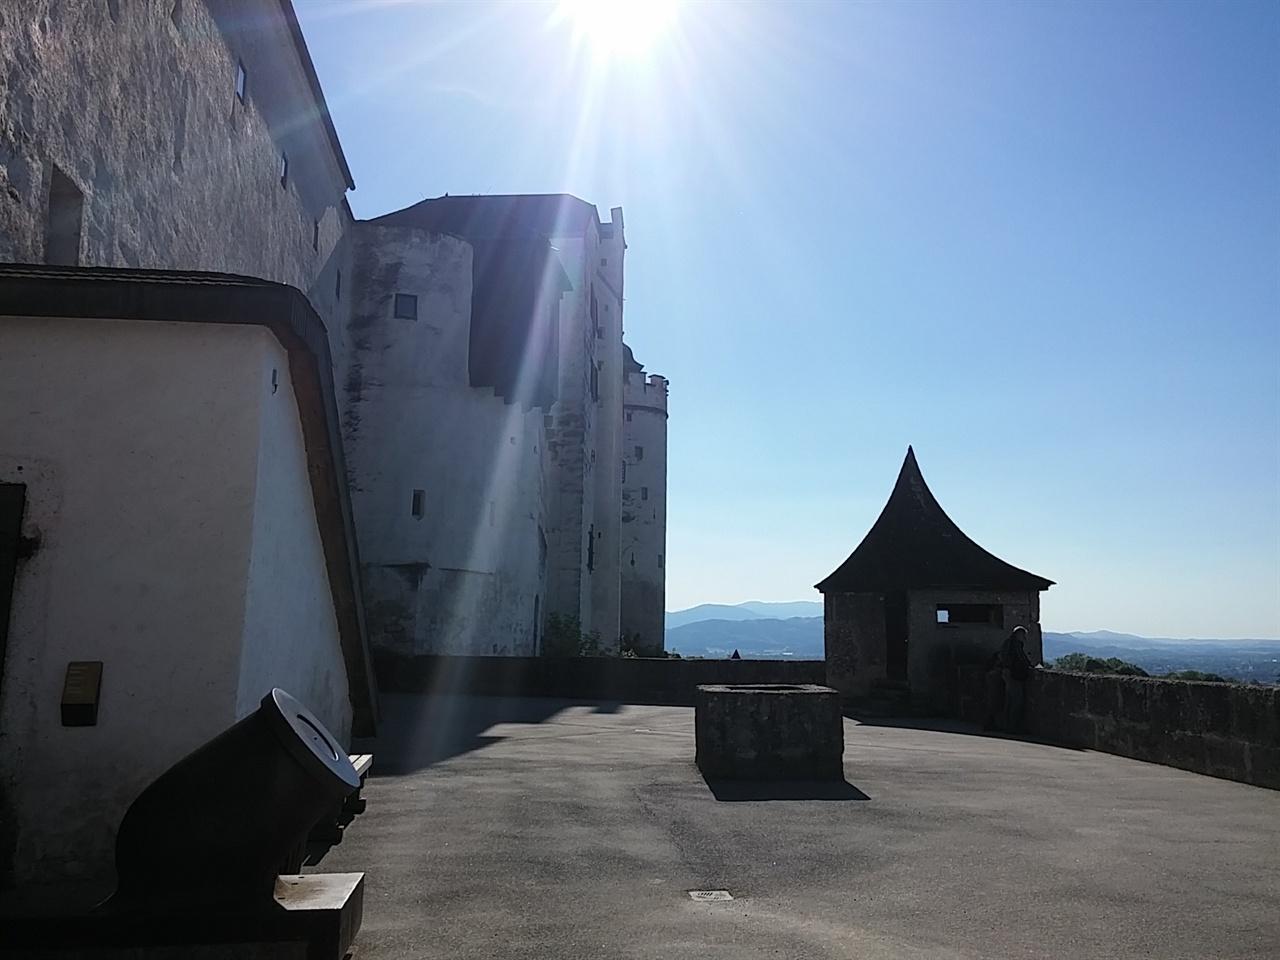 호엔잘츠부르크 성 전망대